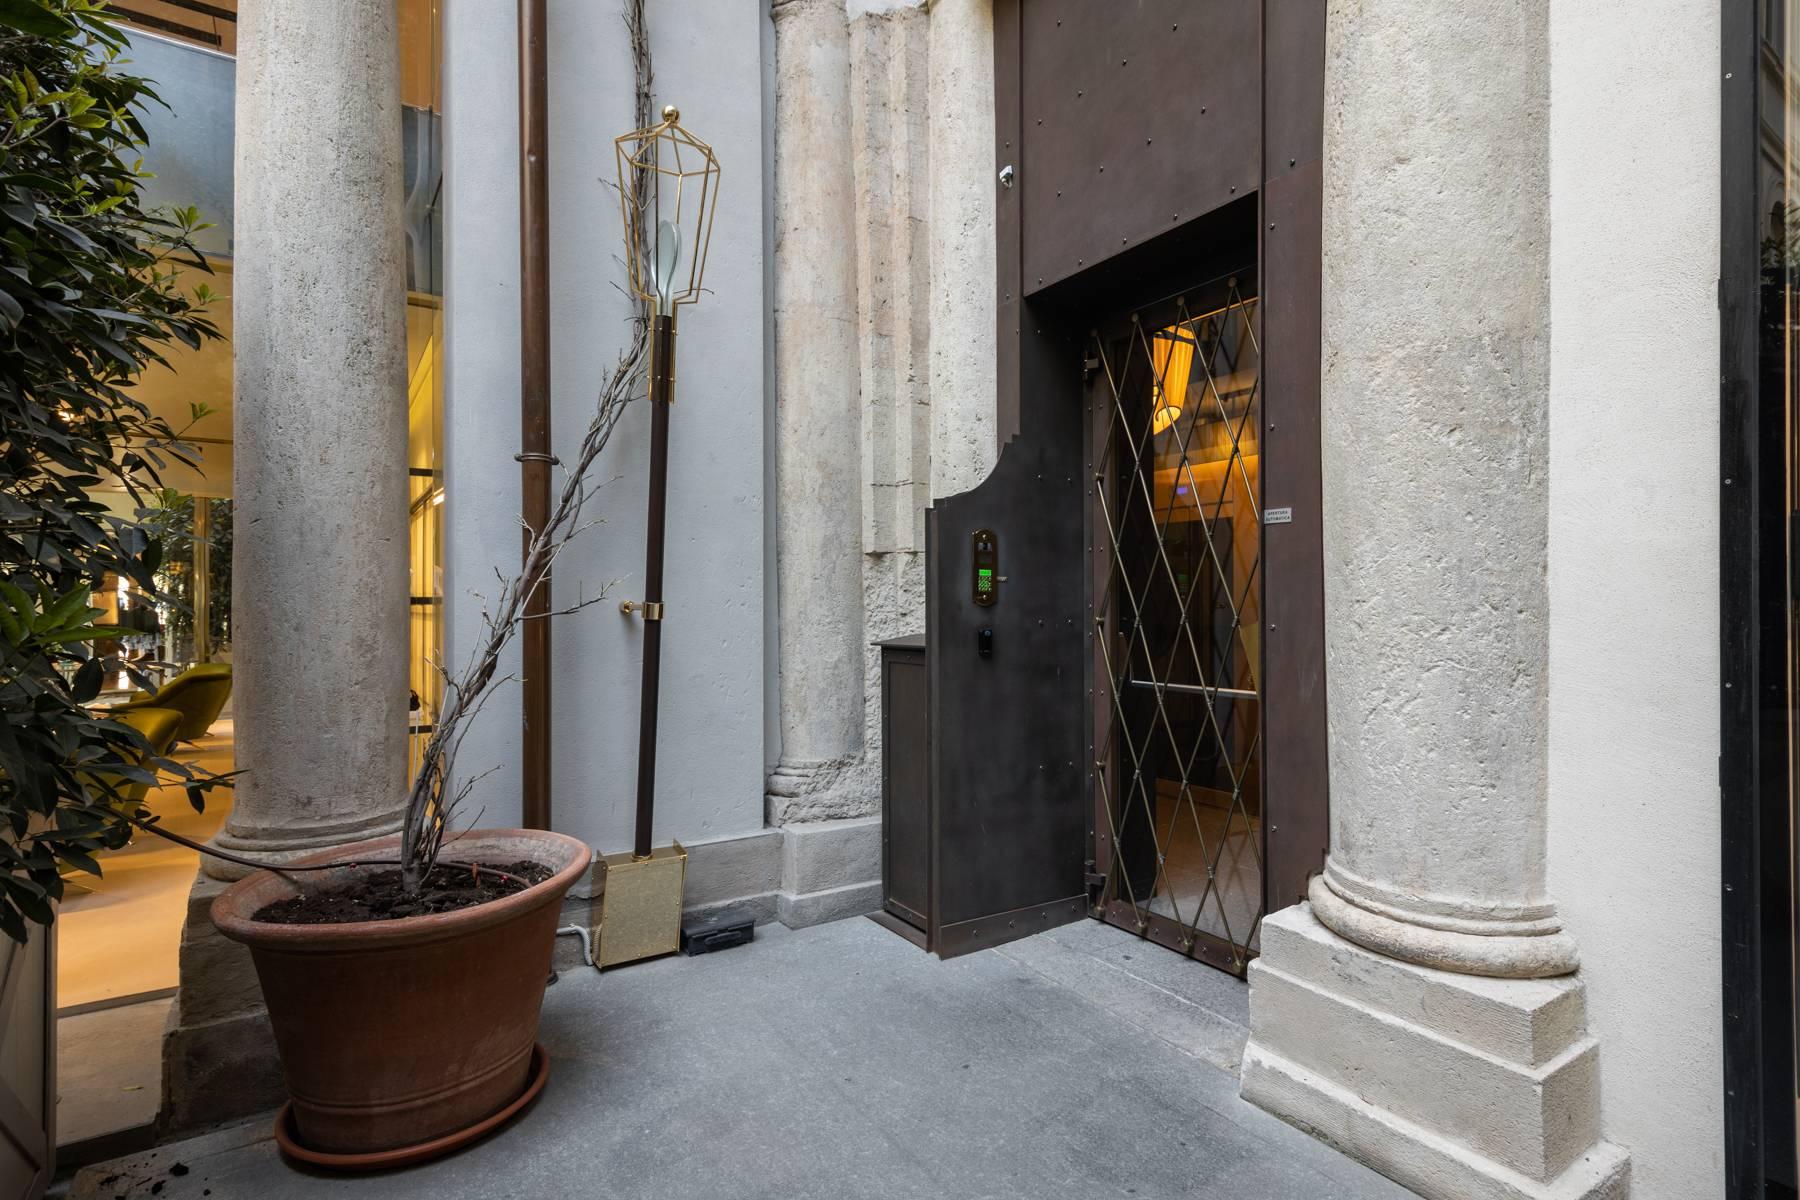 Appartamento in Vendita a Torino: 3 locali, 89 mq - Foto 15